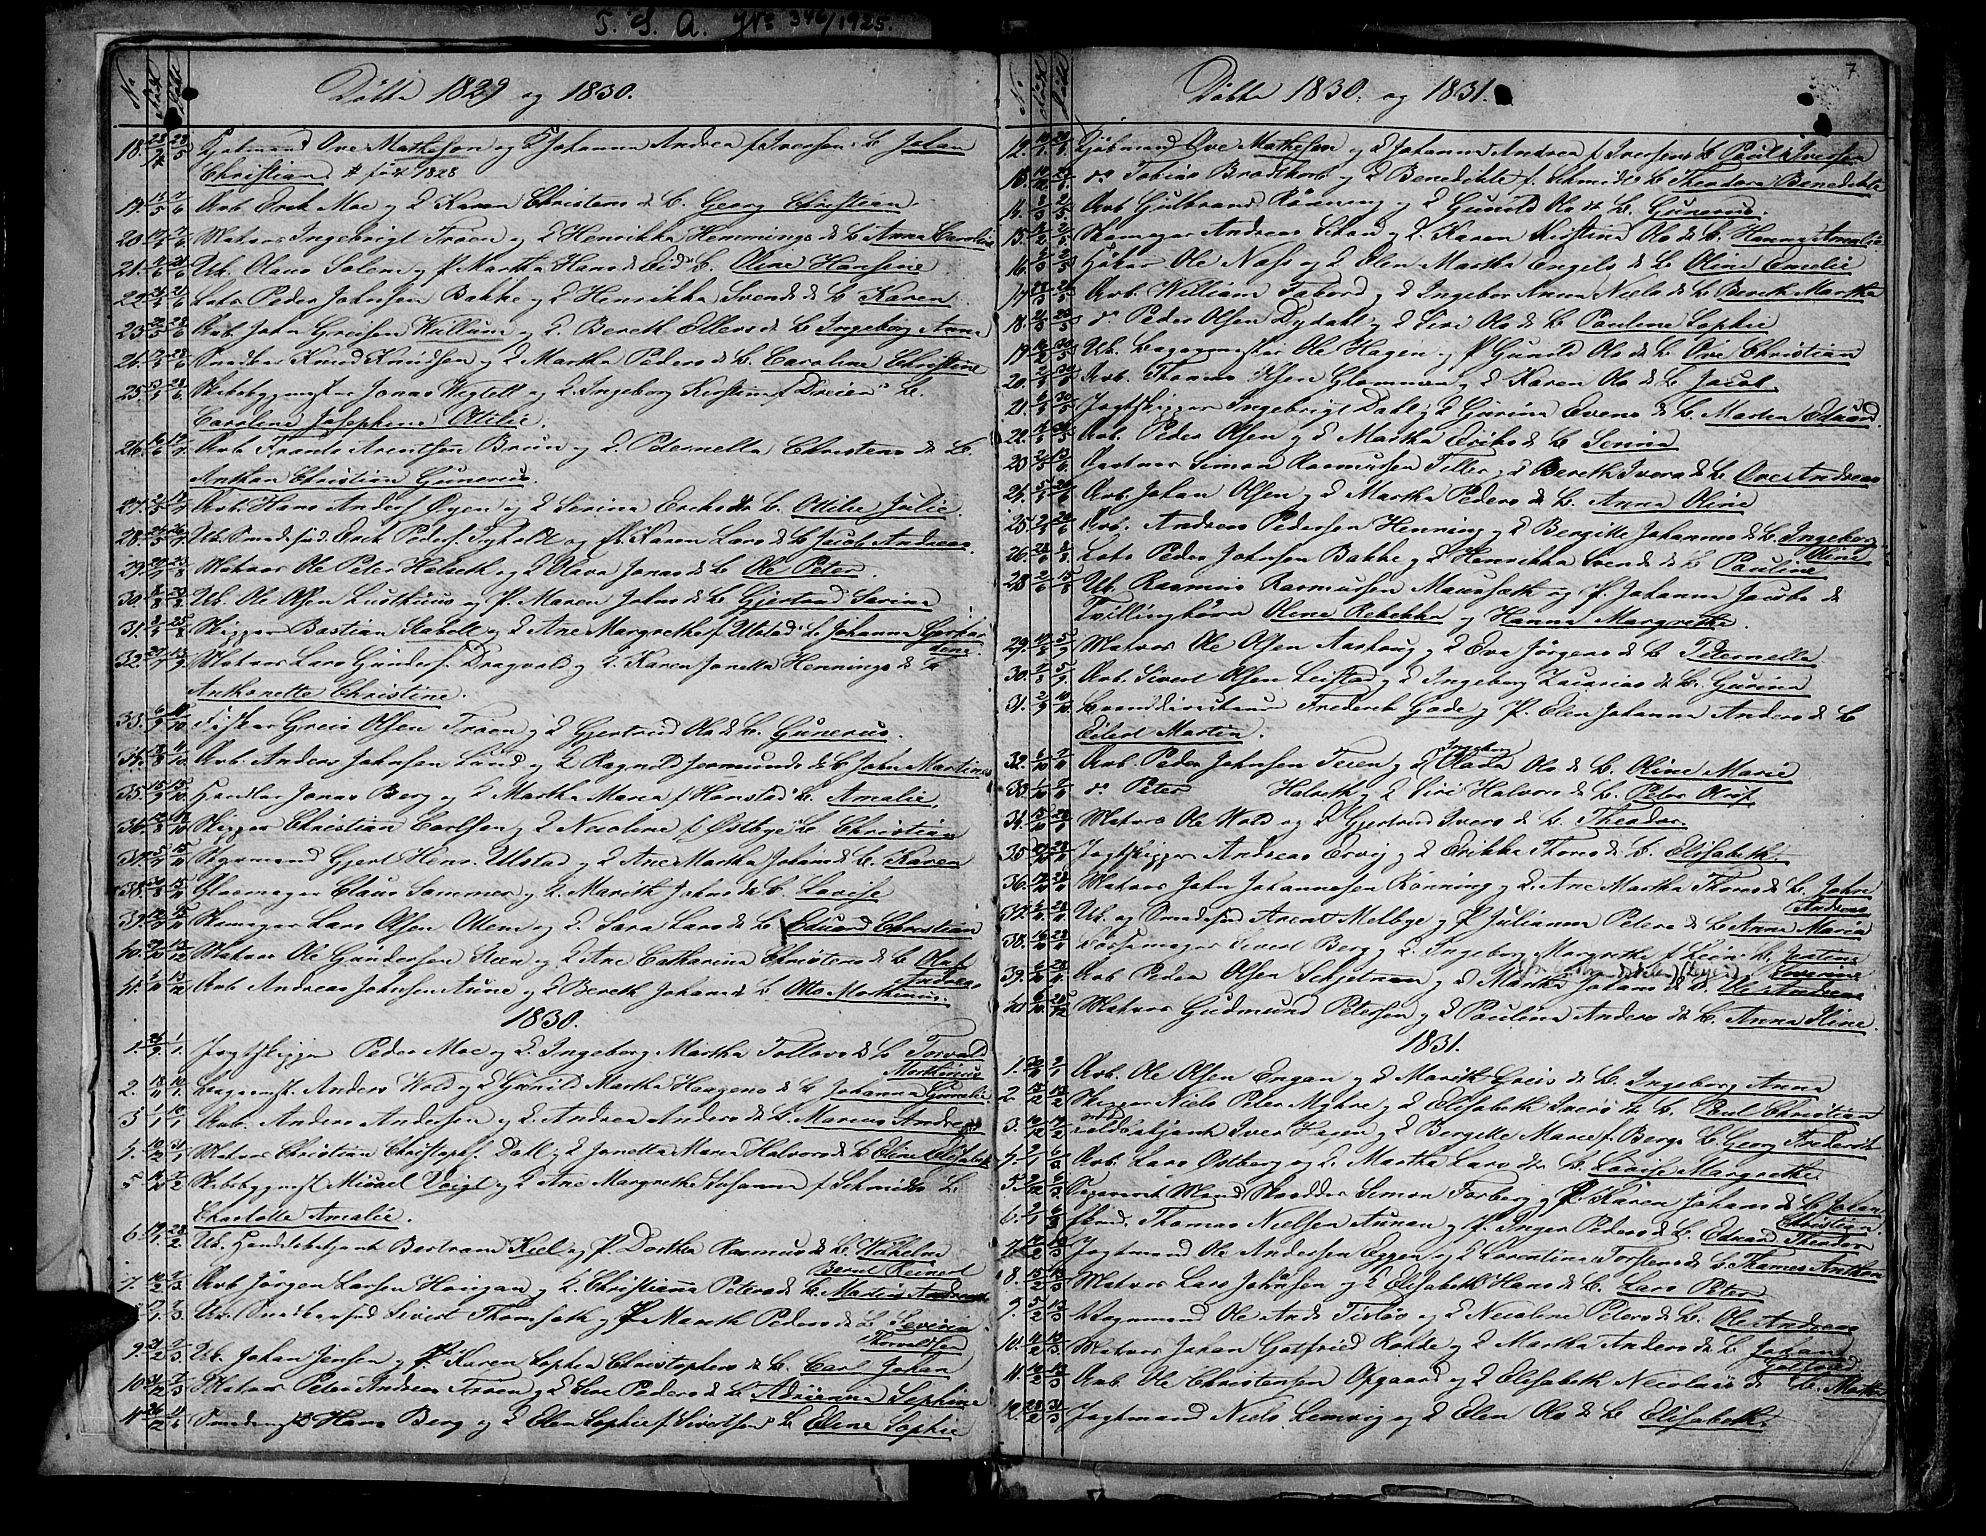 SAT, Ministerialprotokoller, klokkerbøker og fødselsregistre - Sør-Trøndelag, 604/L0182: Ministerialbok nr. 604A03, 1818-1850, s. 7